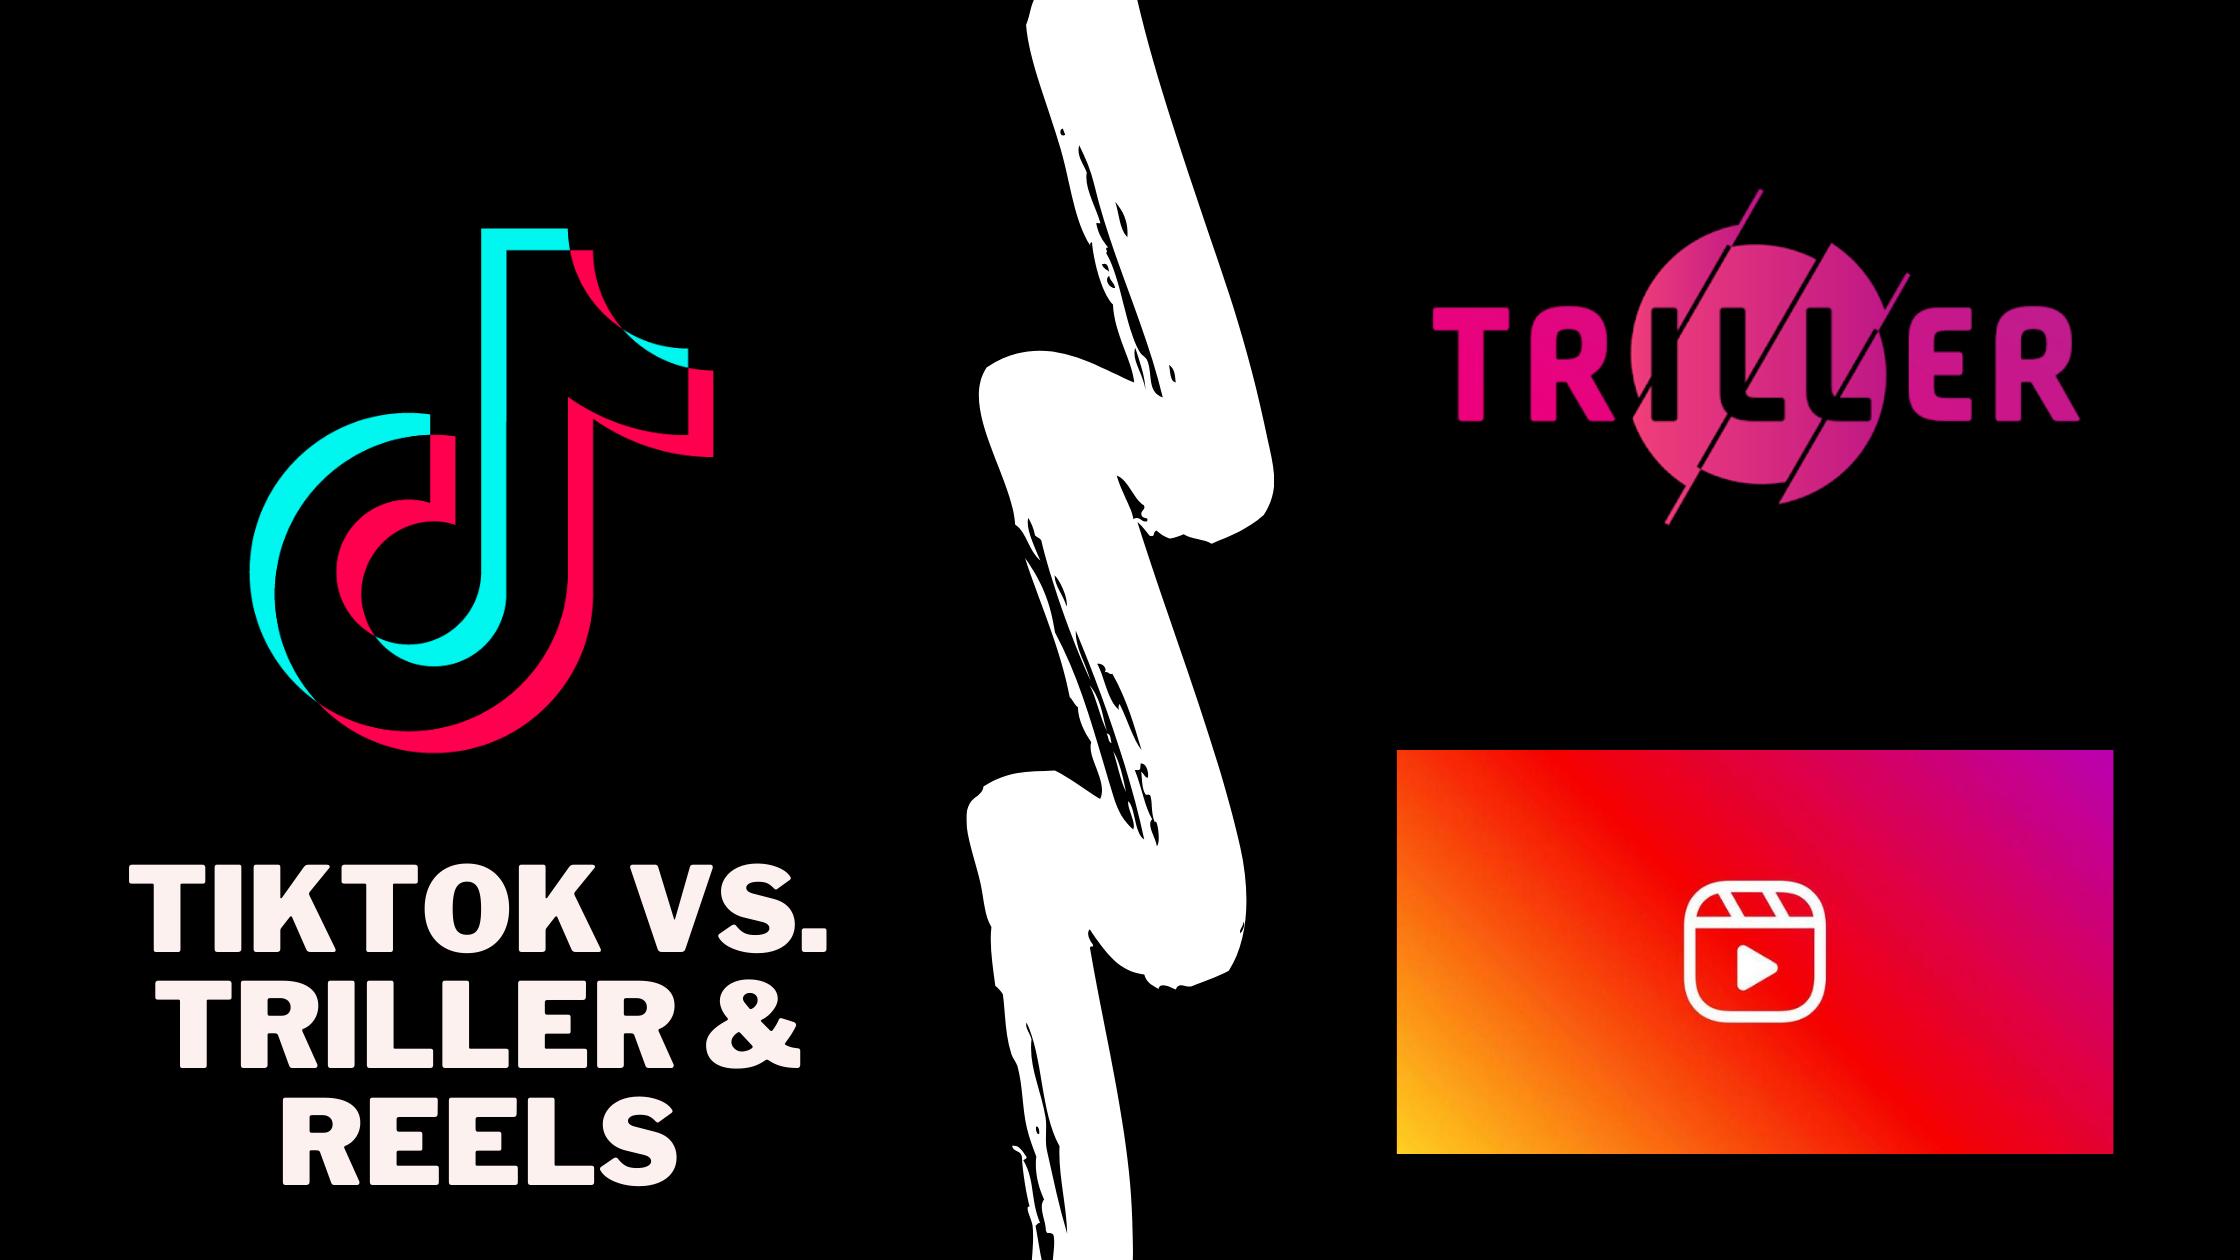 TikTok vs. Reels Triller